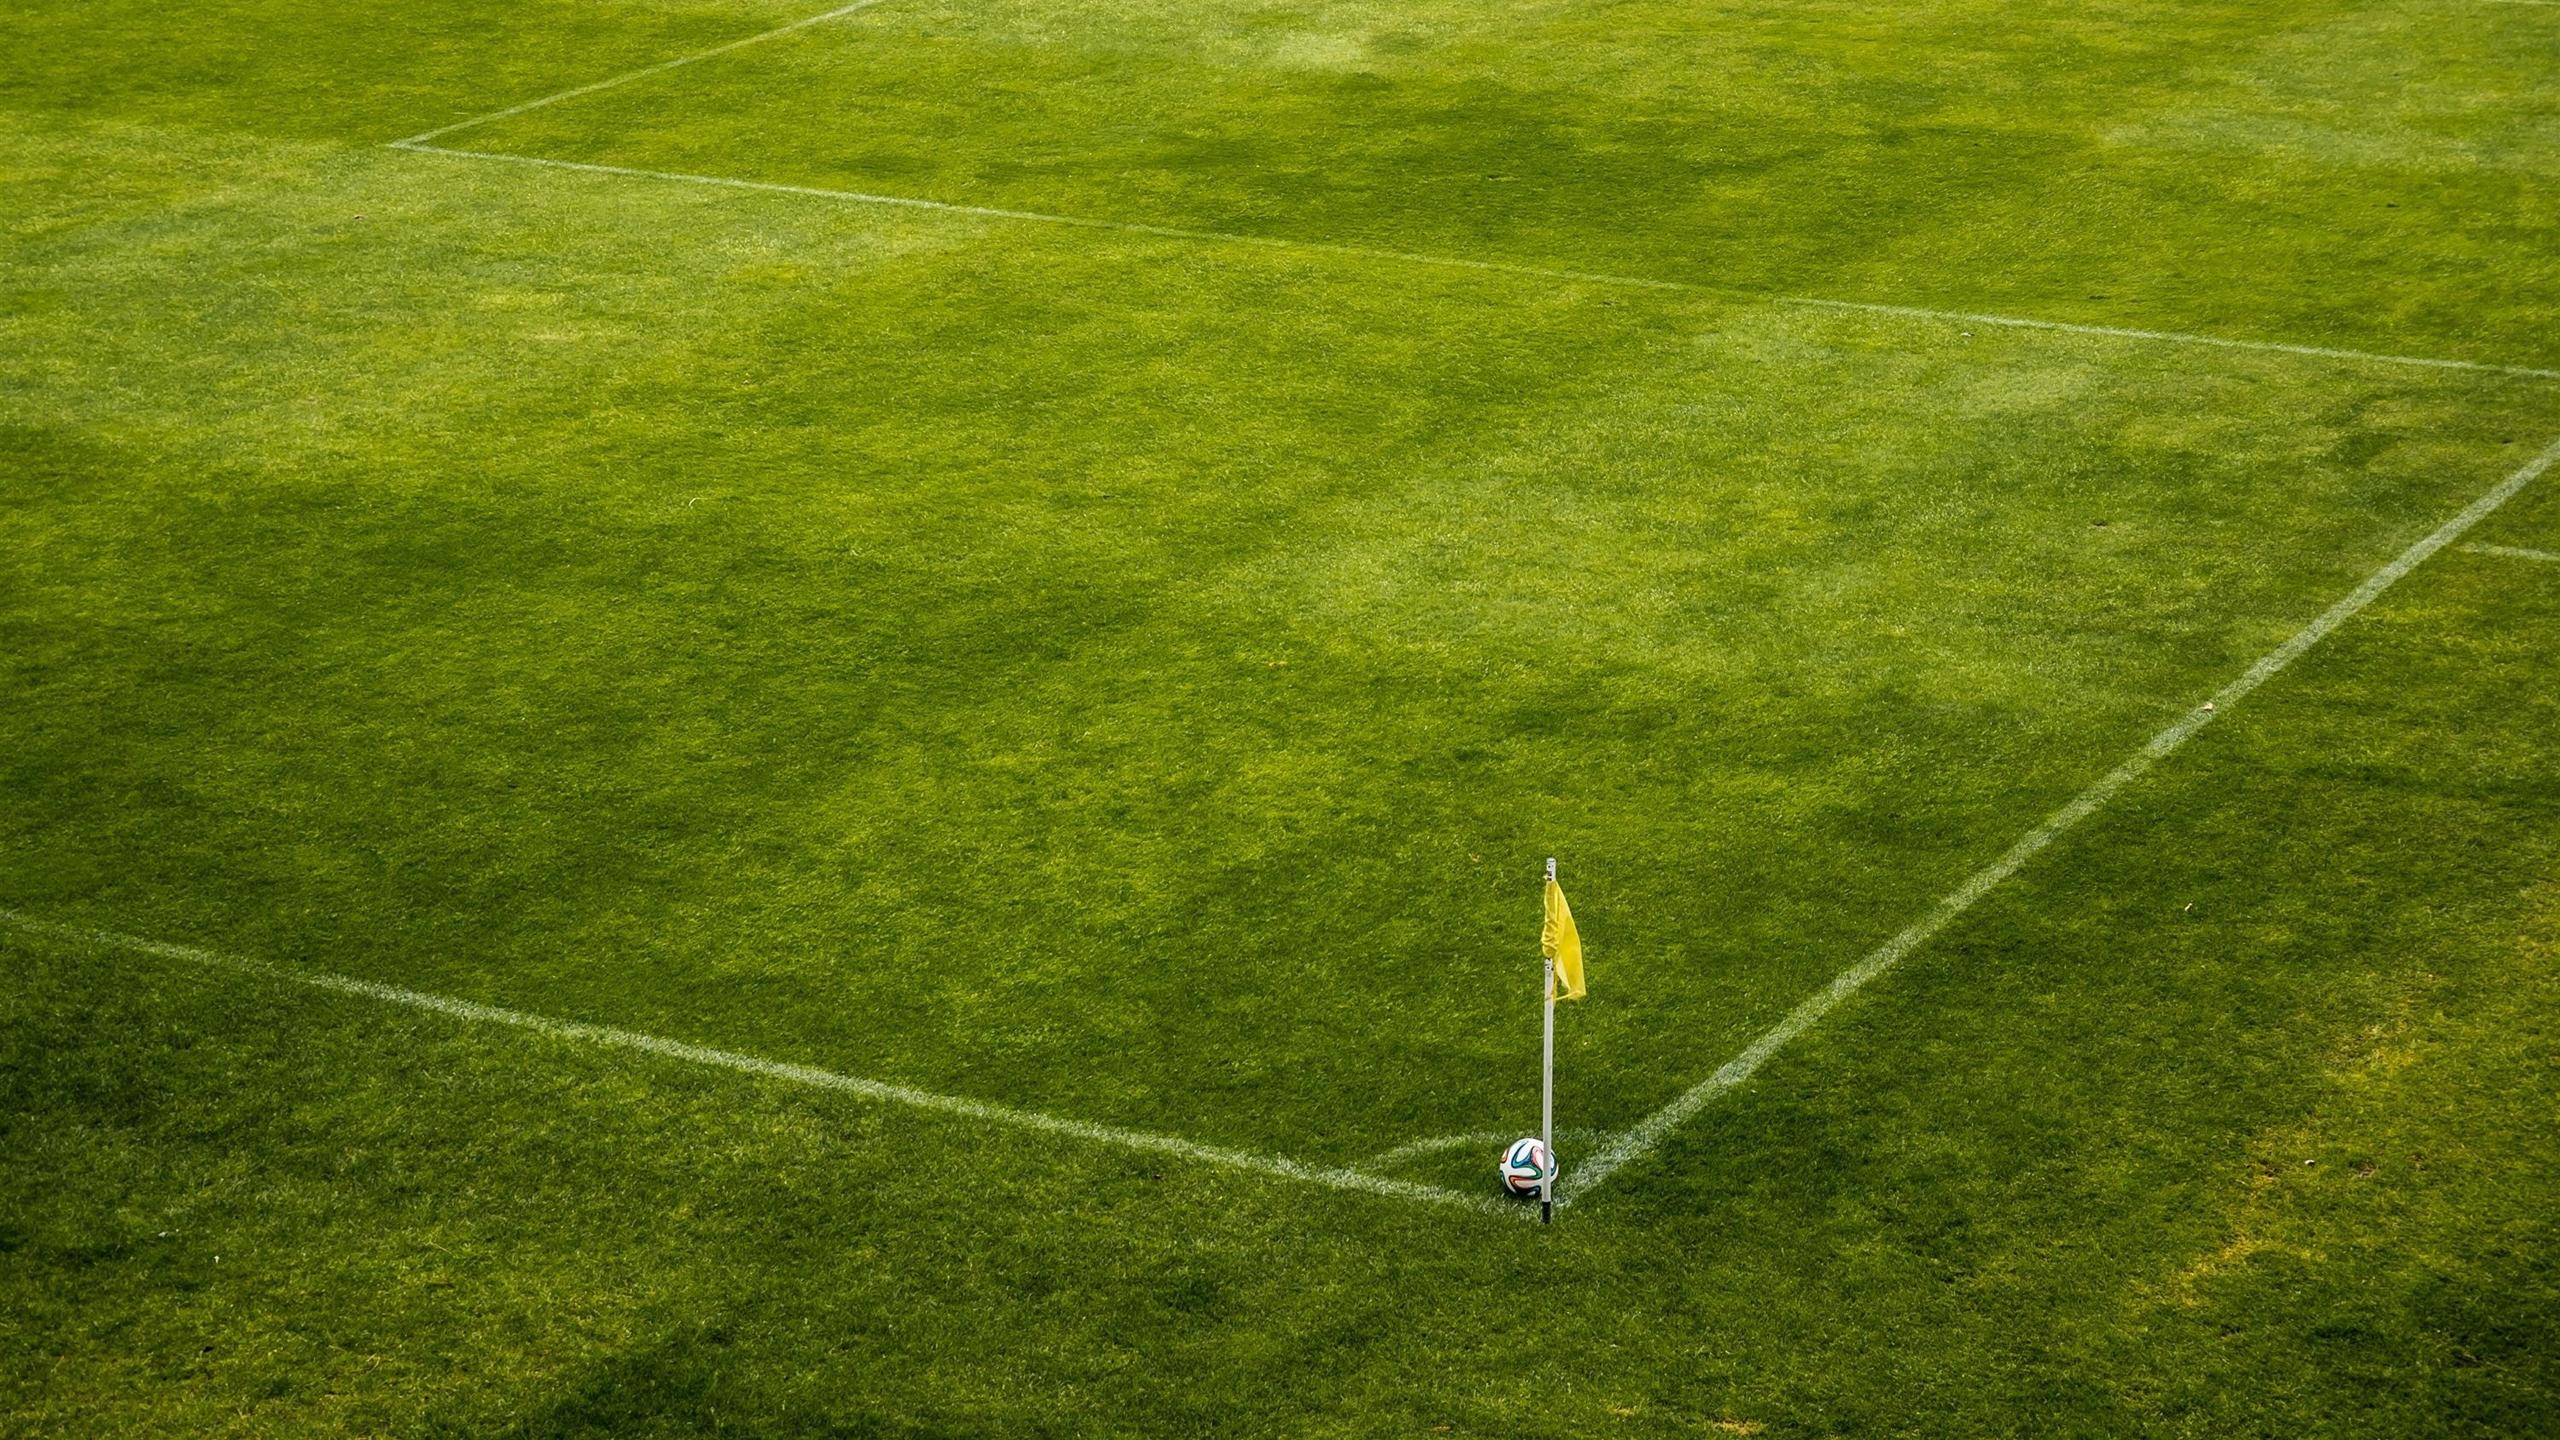 Una liga de futbol norteamericana se asoma con el Mundial de 2026